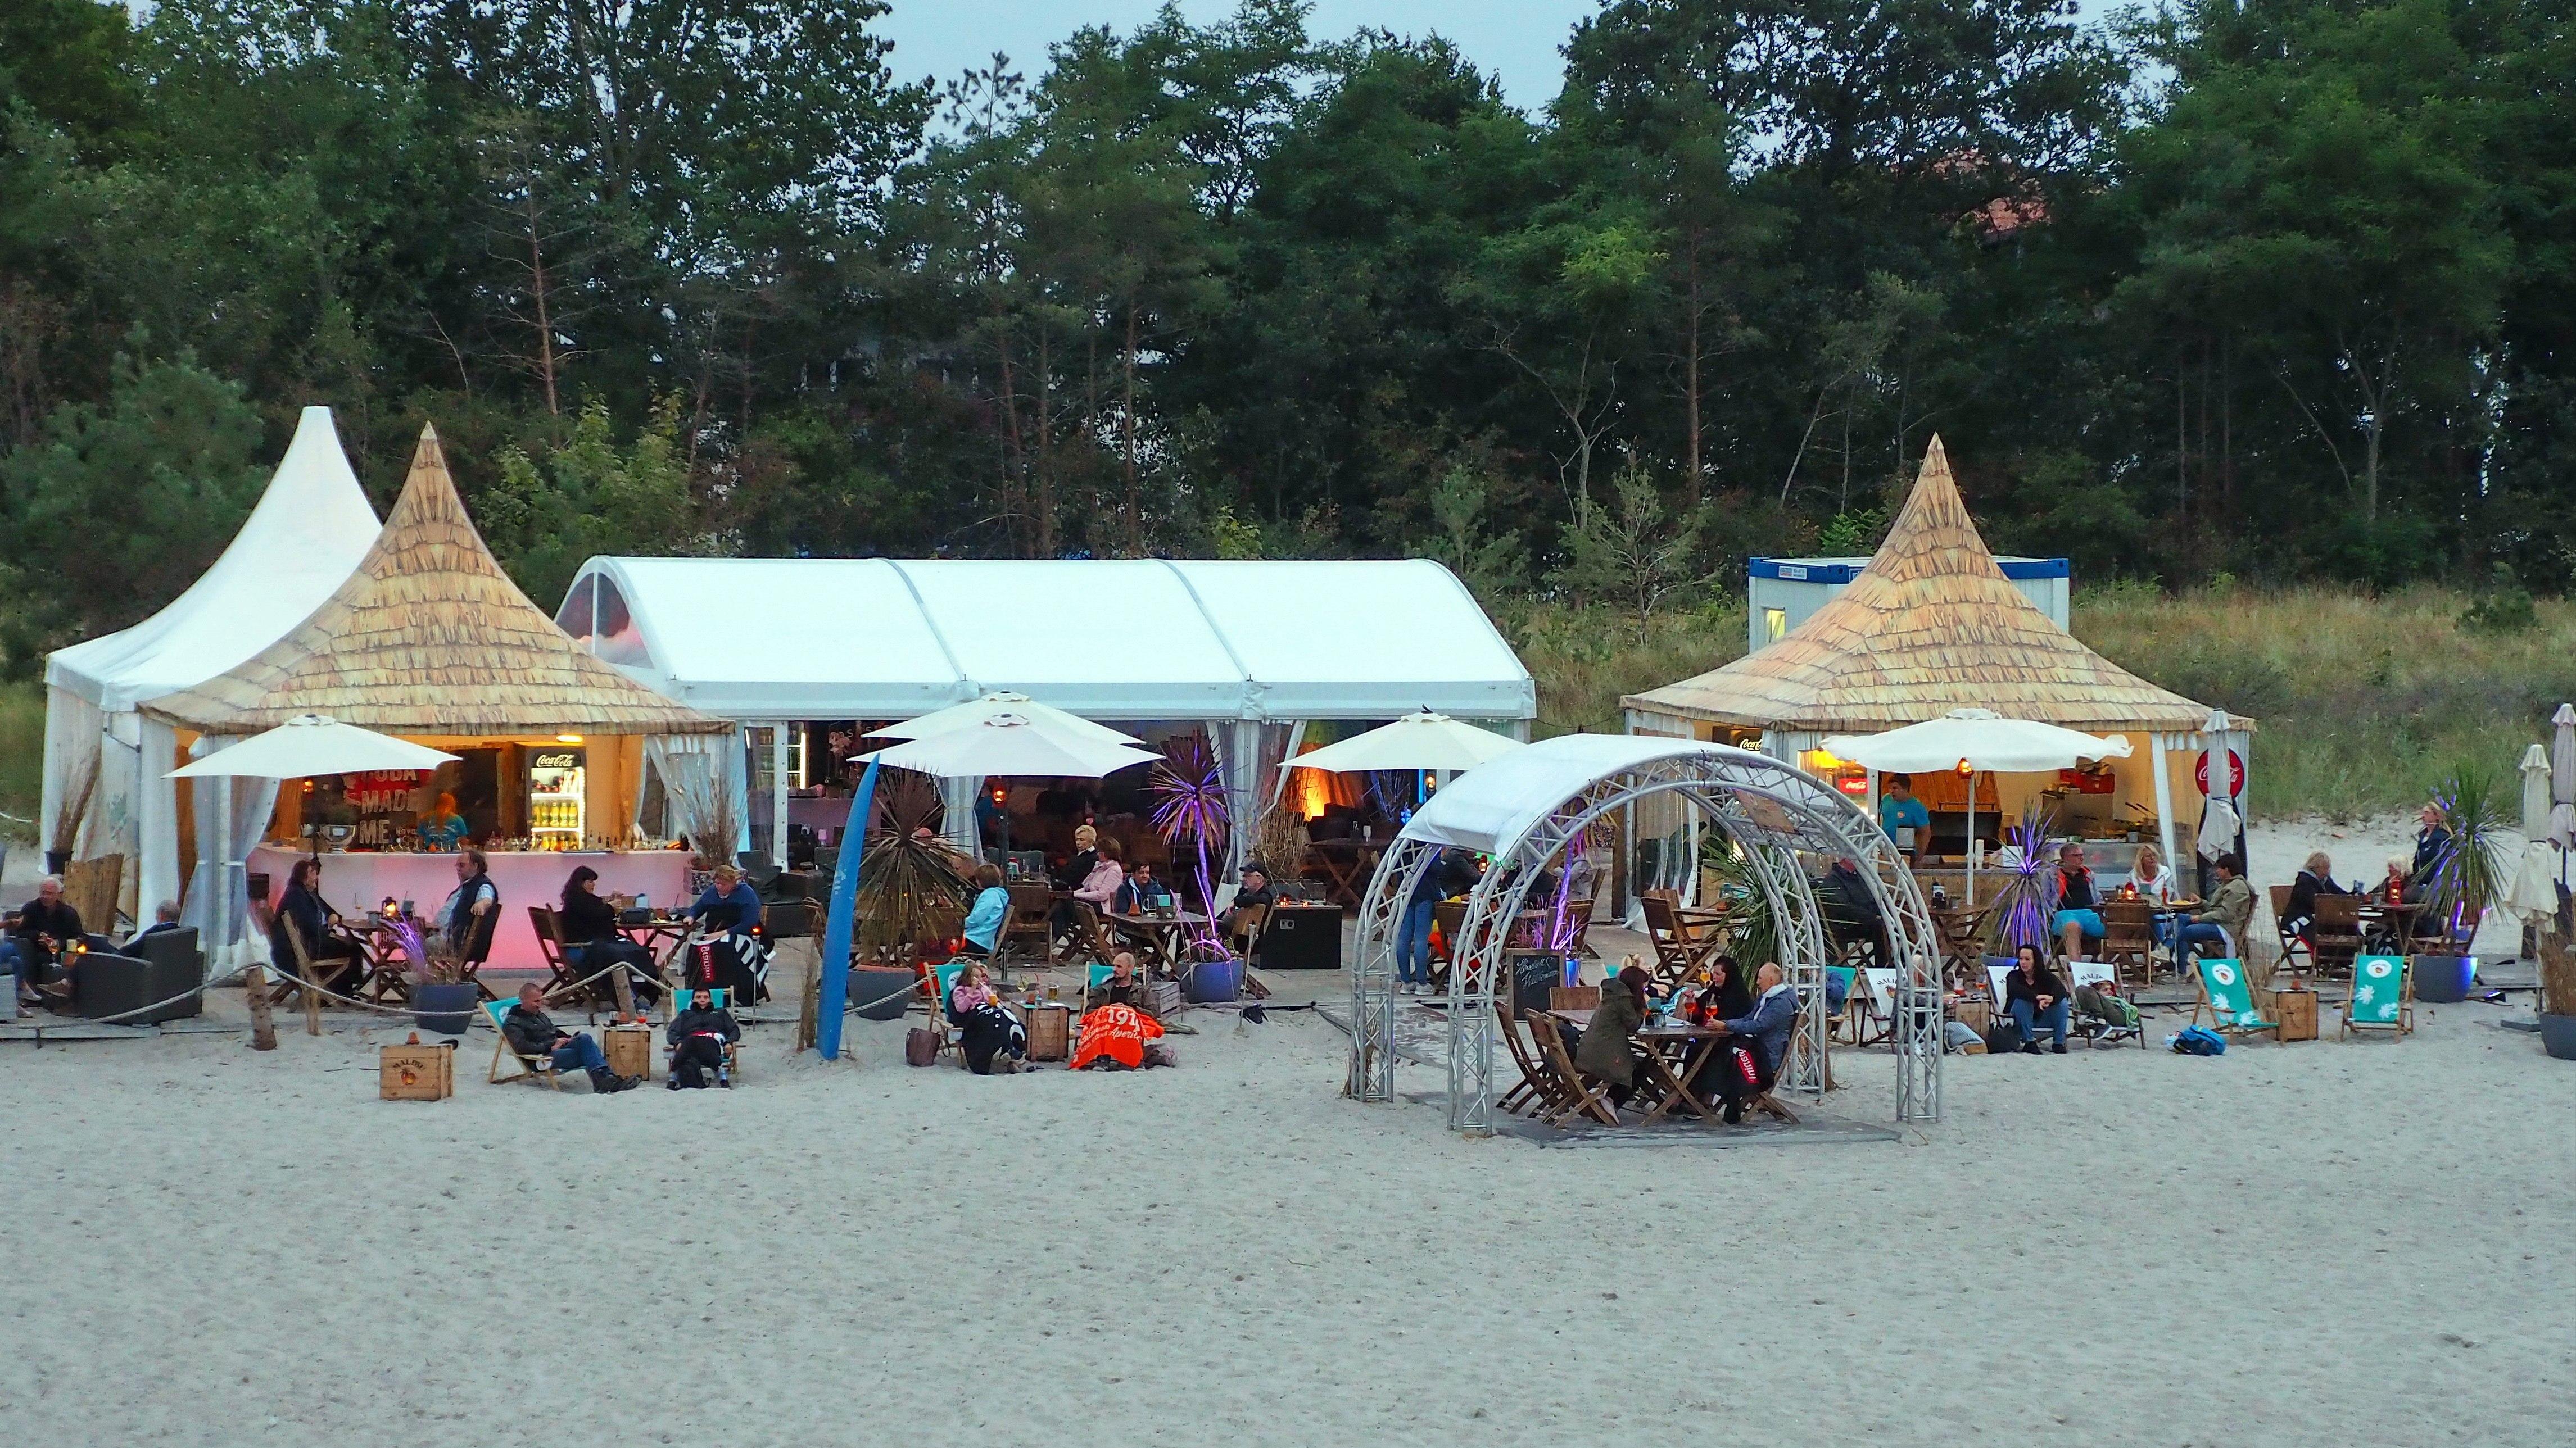 Dämmerung in der Beach Lounge Boltenhagen, © KV Boltenhagen